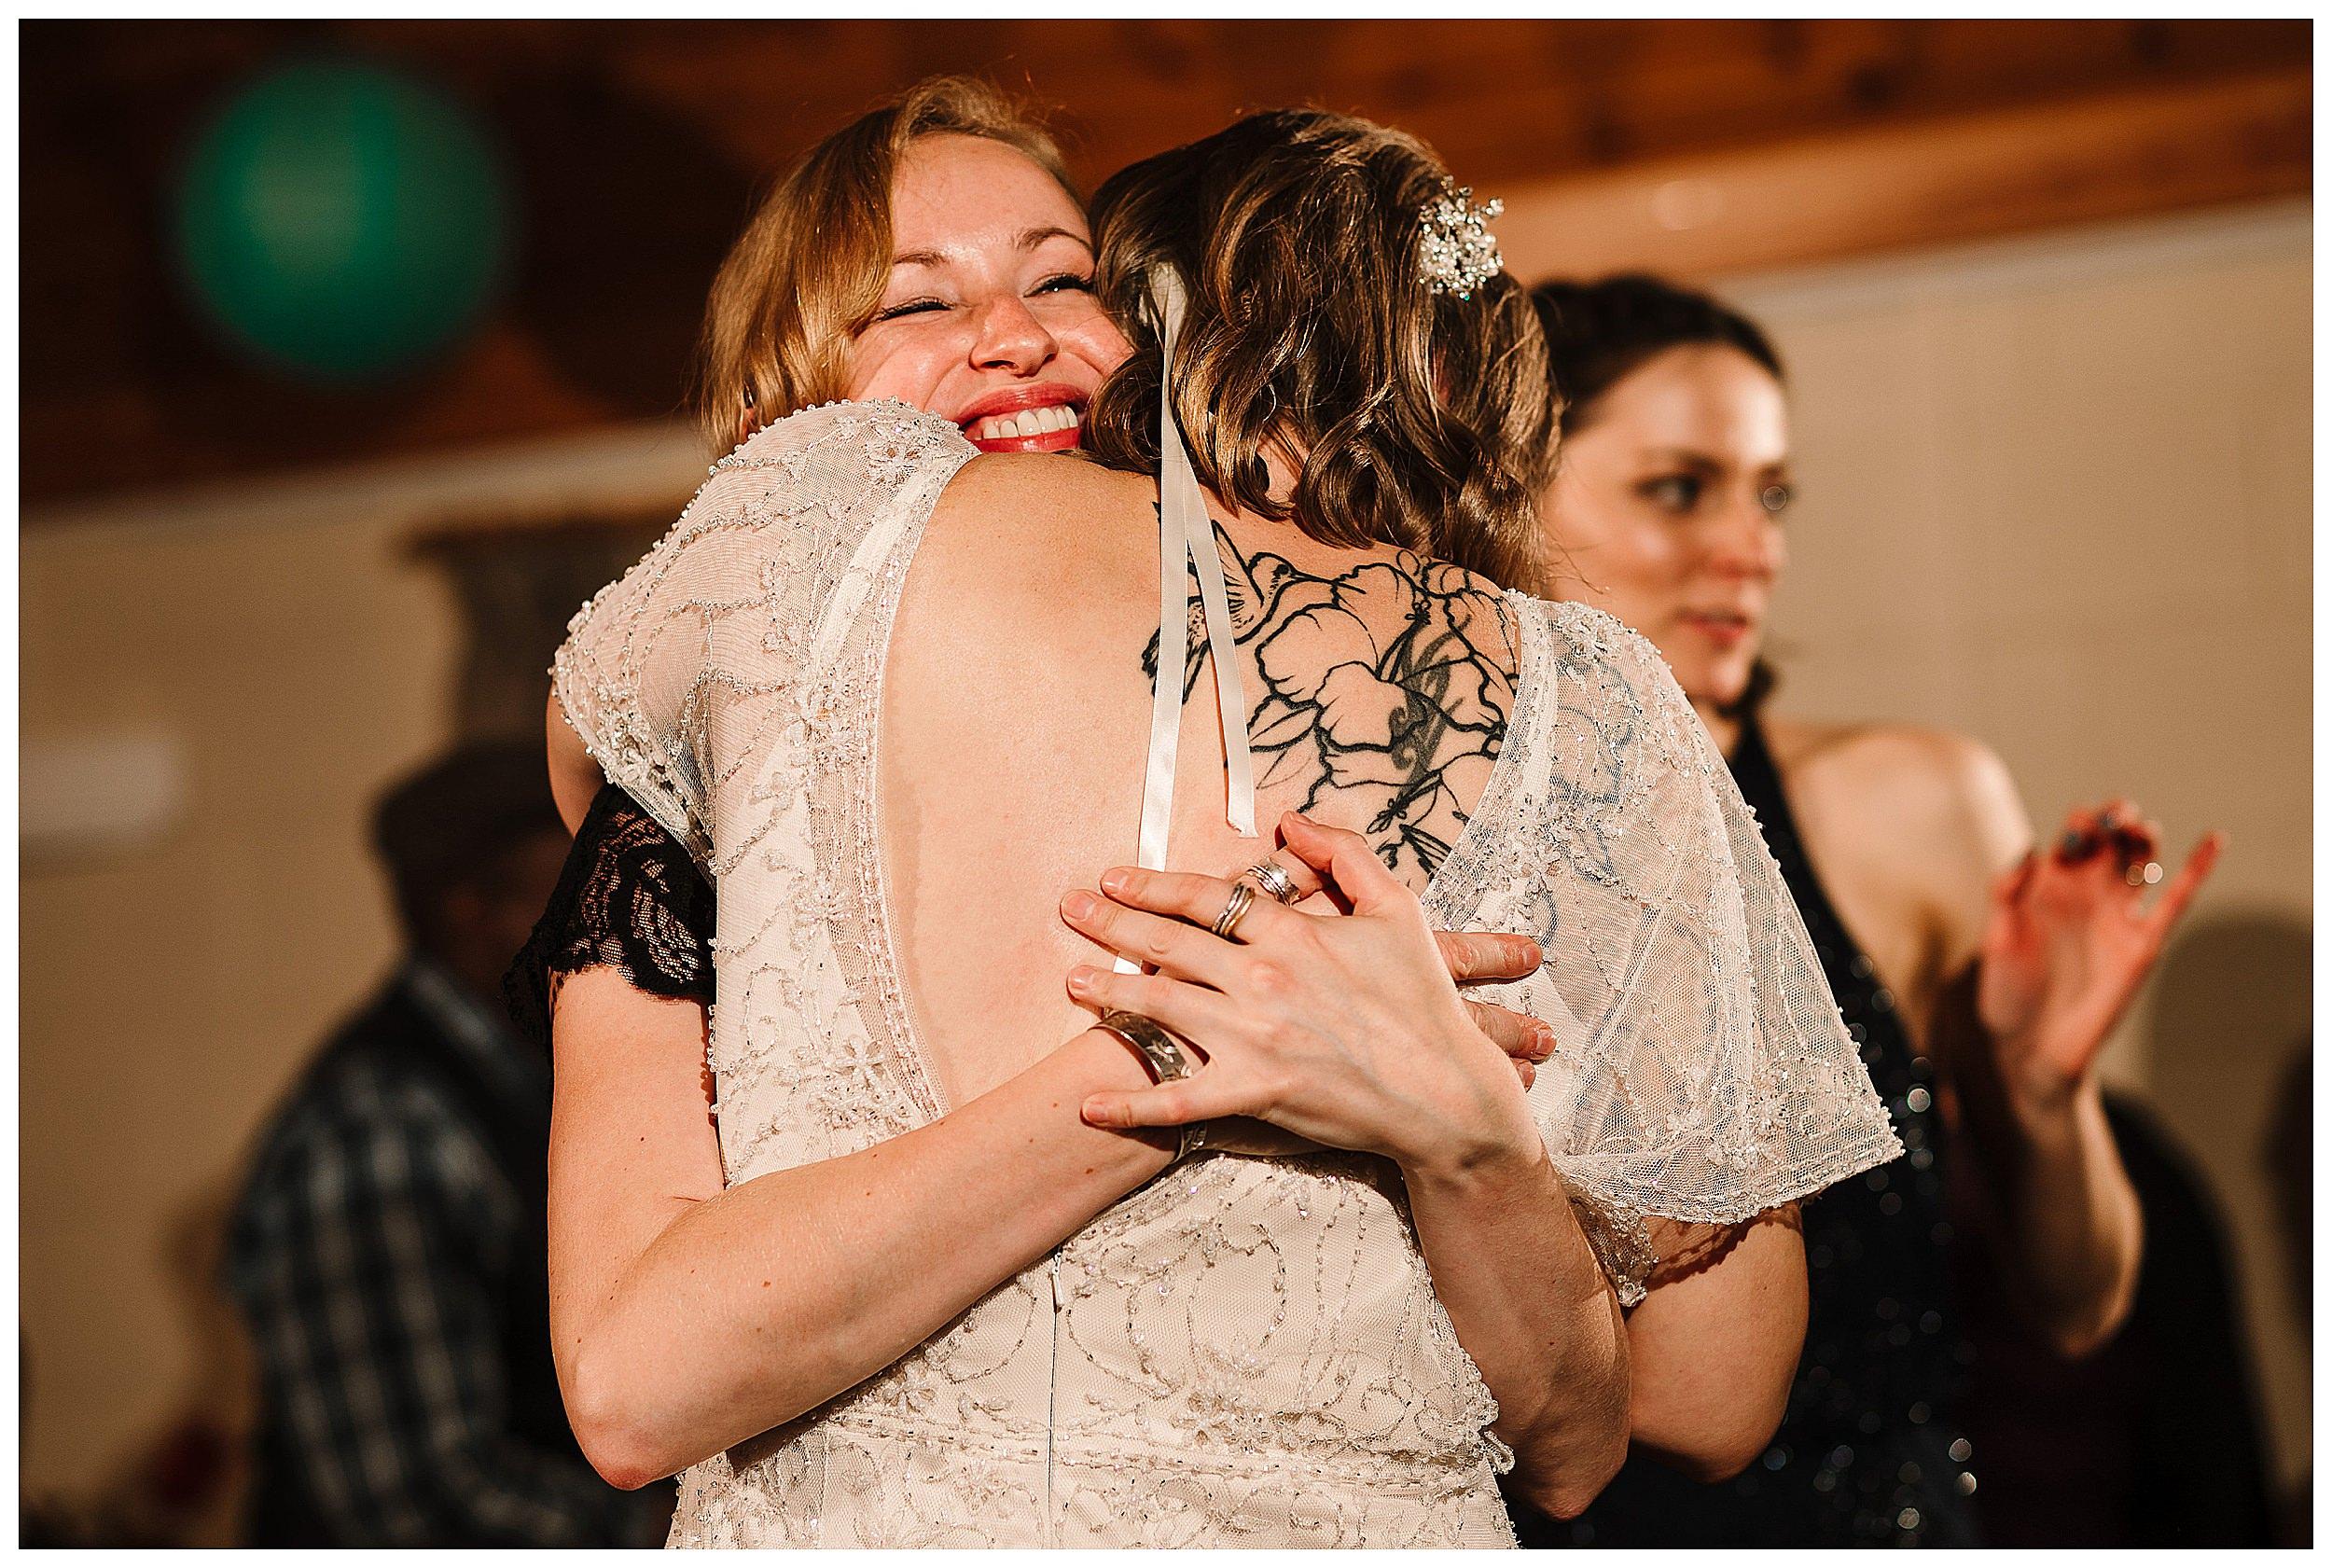 A bride hugging her friend